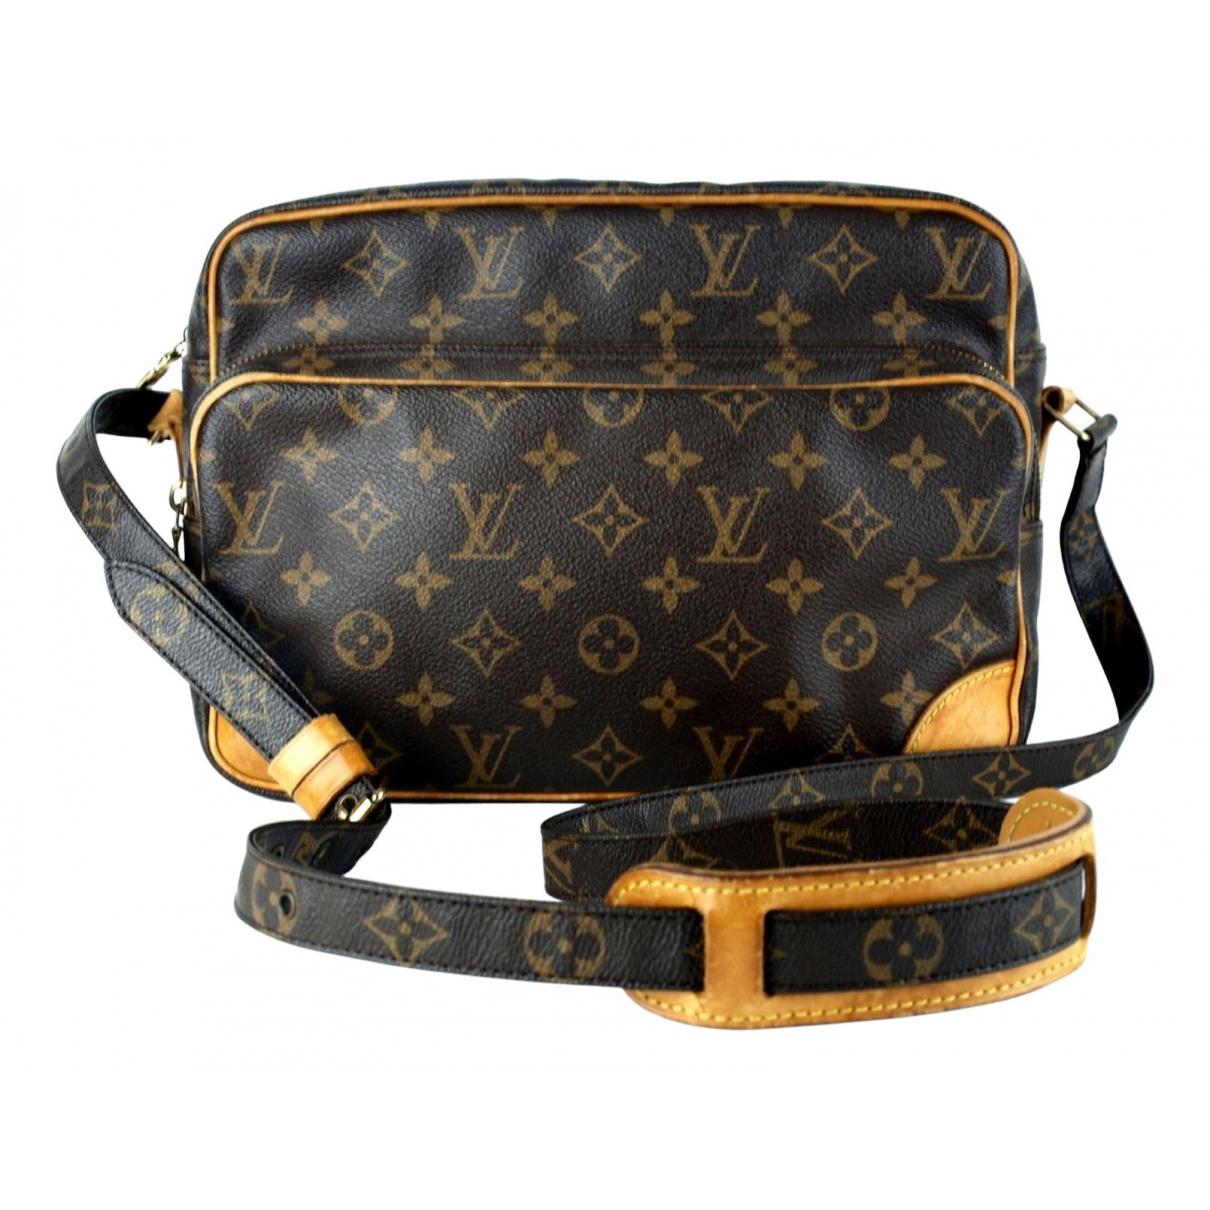 Louis Vuitton - Sac a main Nile pour femme en toile - marron